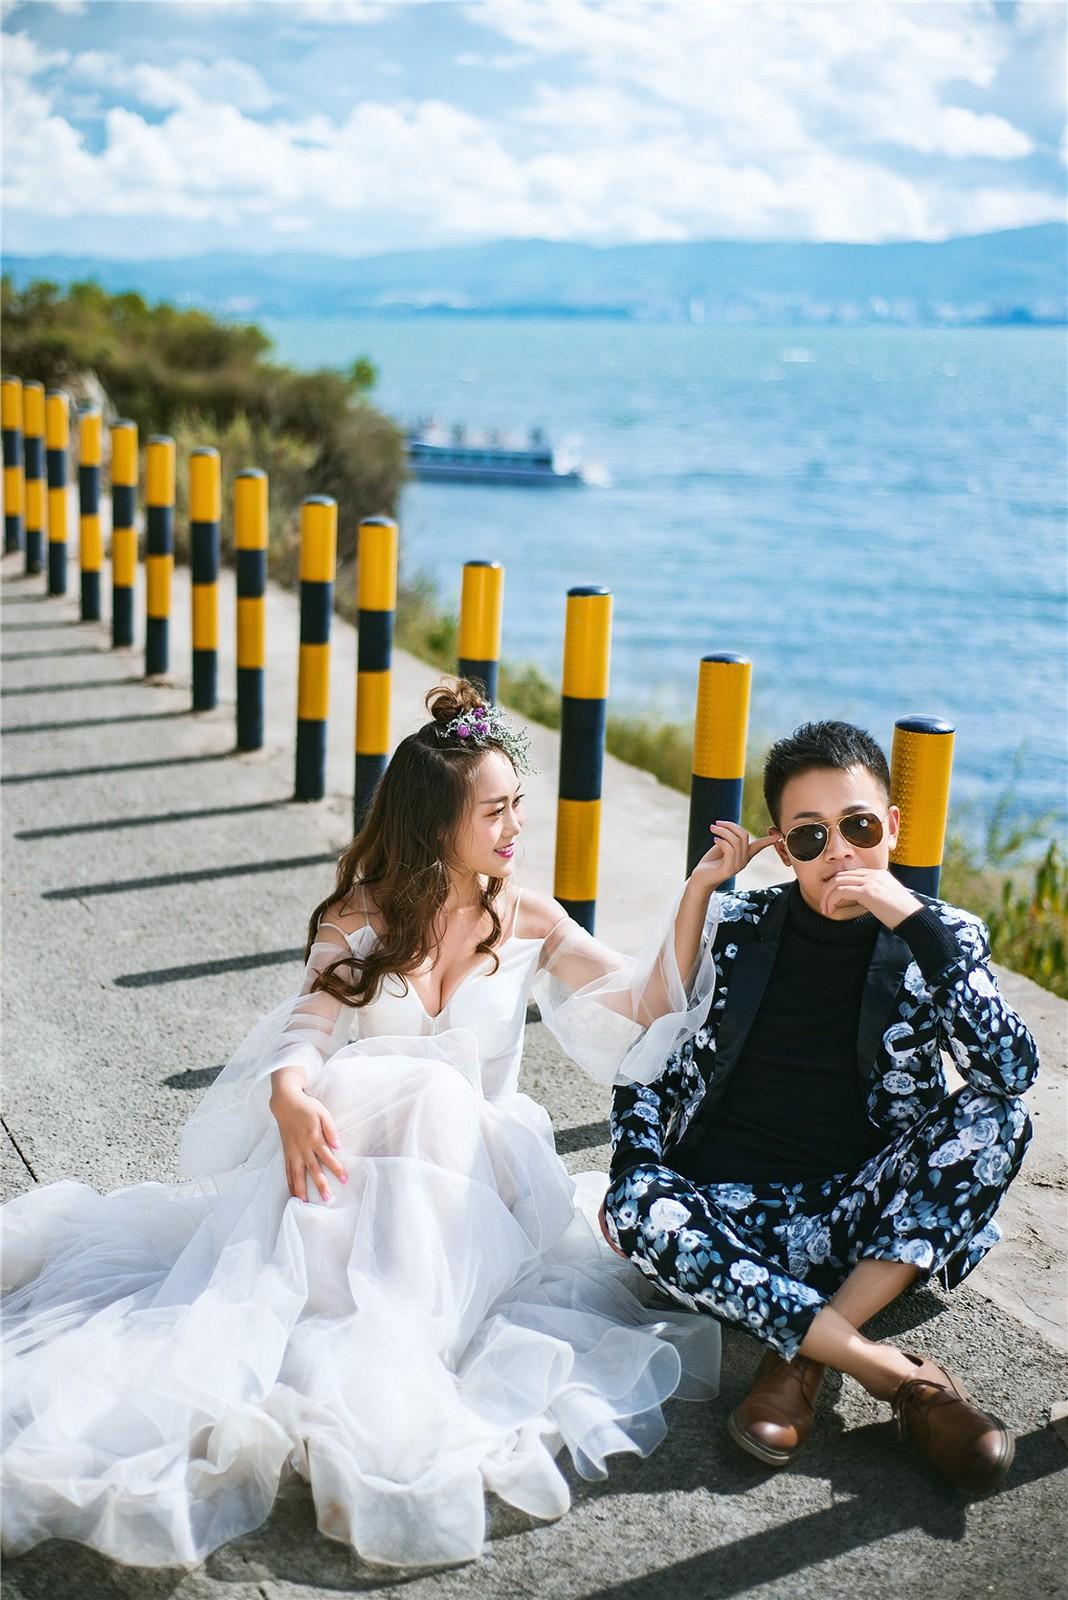 海外婚紗,大陸拍婚紗,海外婚紗推薦,海外婚紗2020